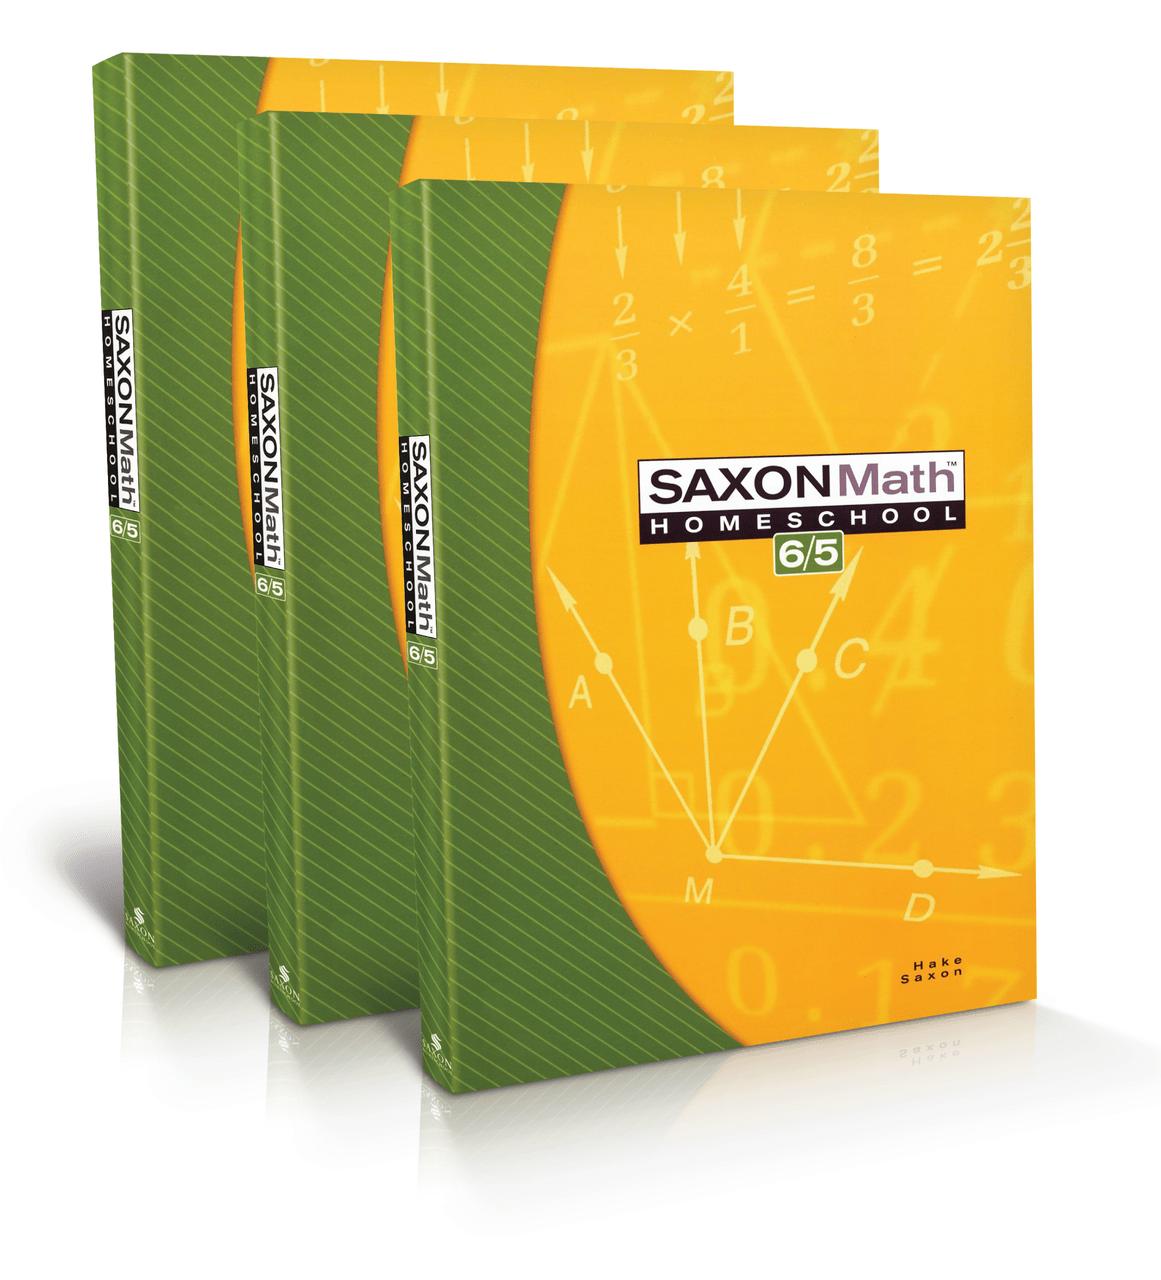 Saxon 6/5 [ 1280 x 1161 Pixel ]